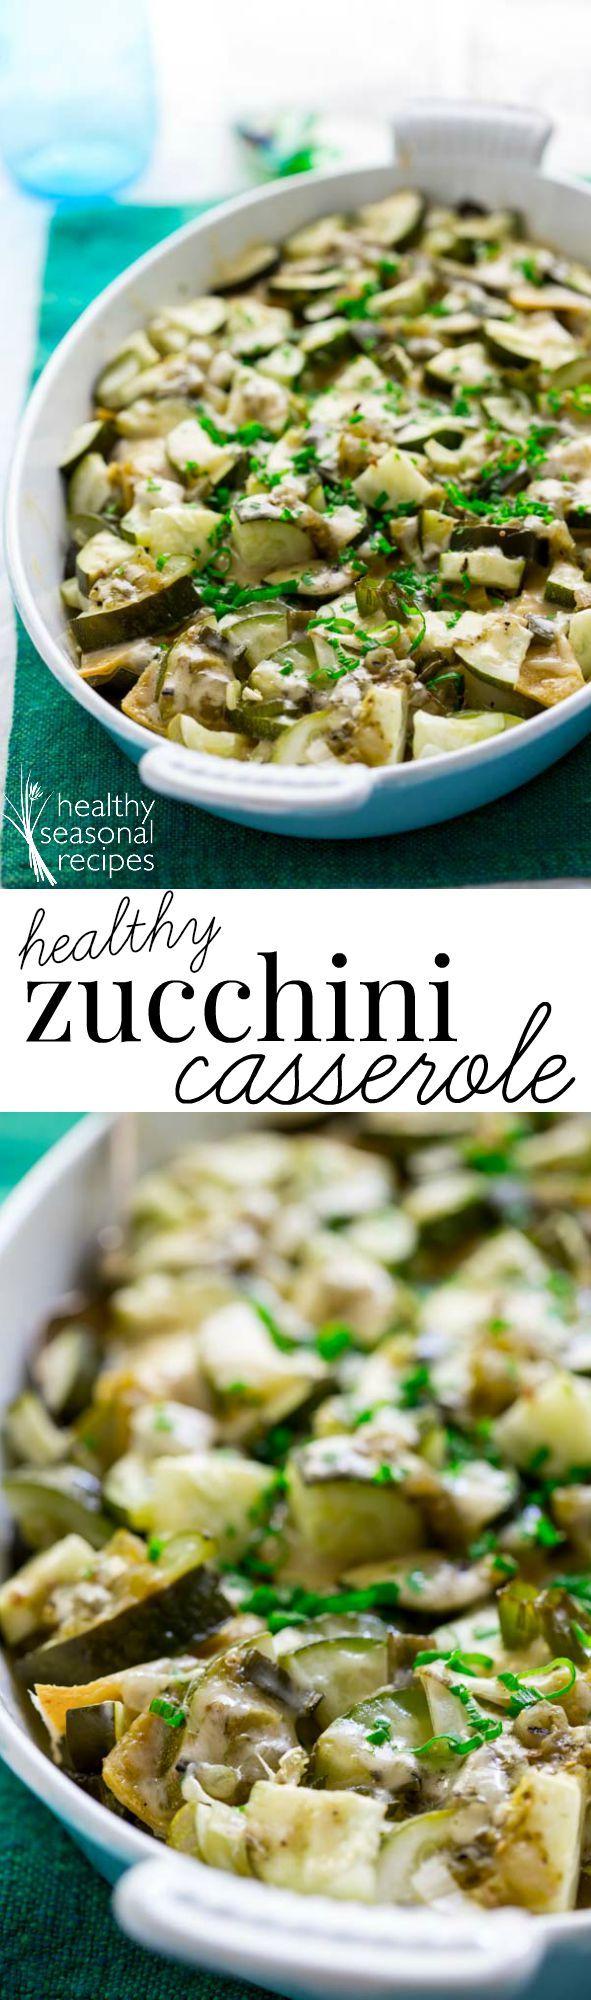 Squash and zucchini casserole recipe easy